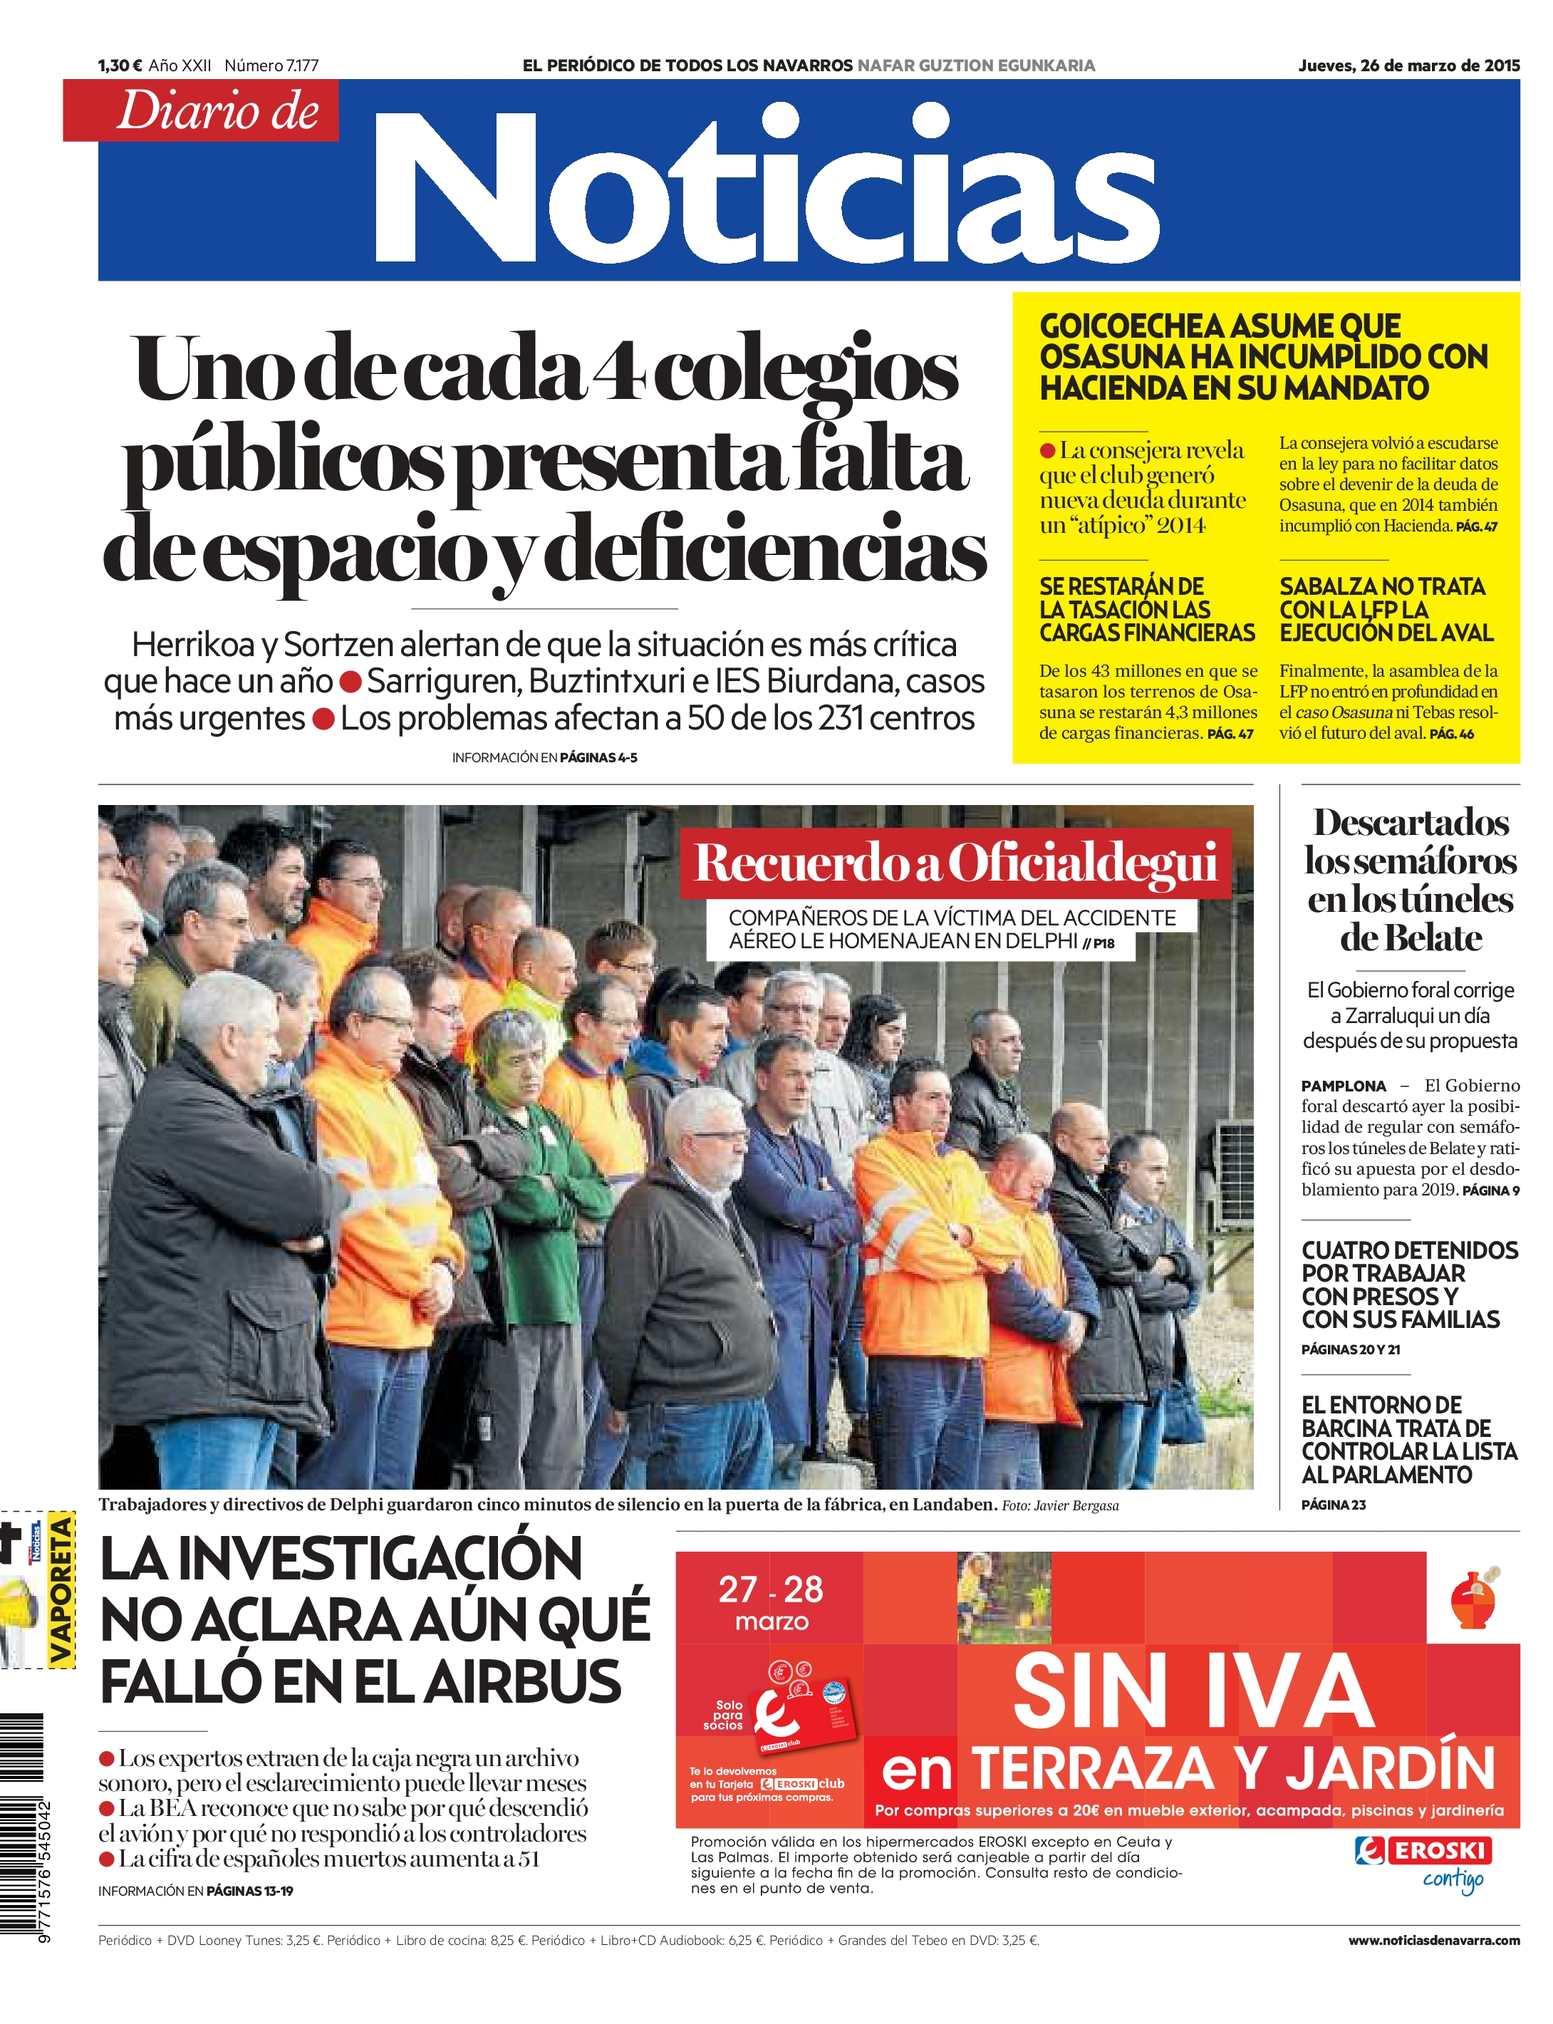 Calaméo - Diario de Noticias 20150326 9e6efc70ff55c